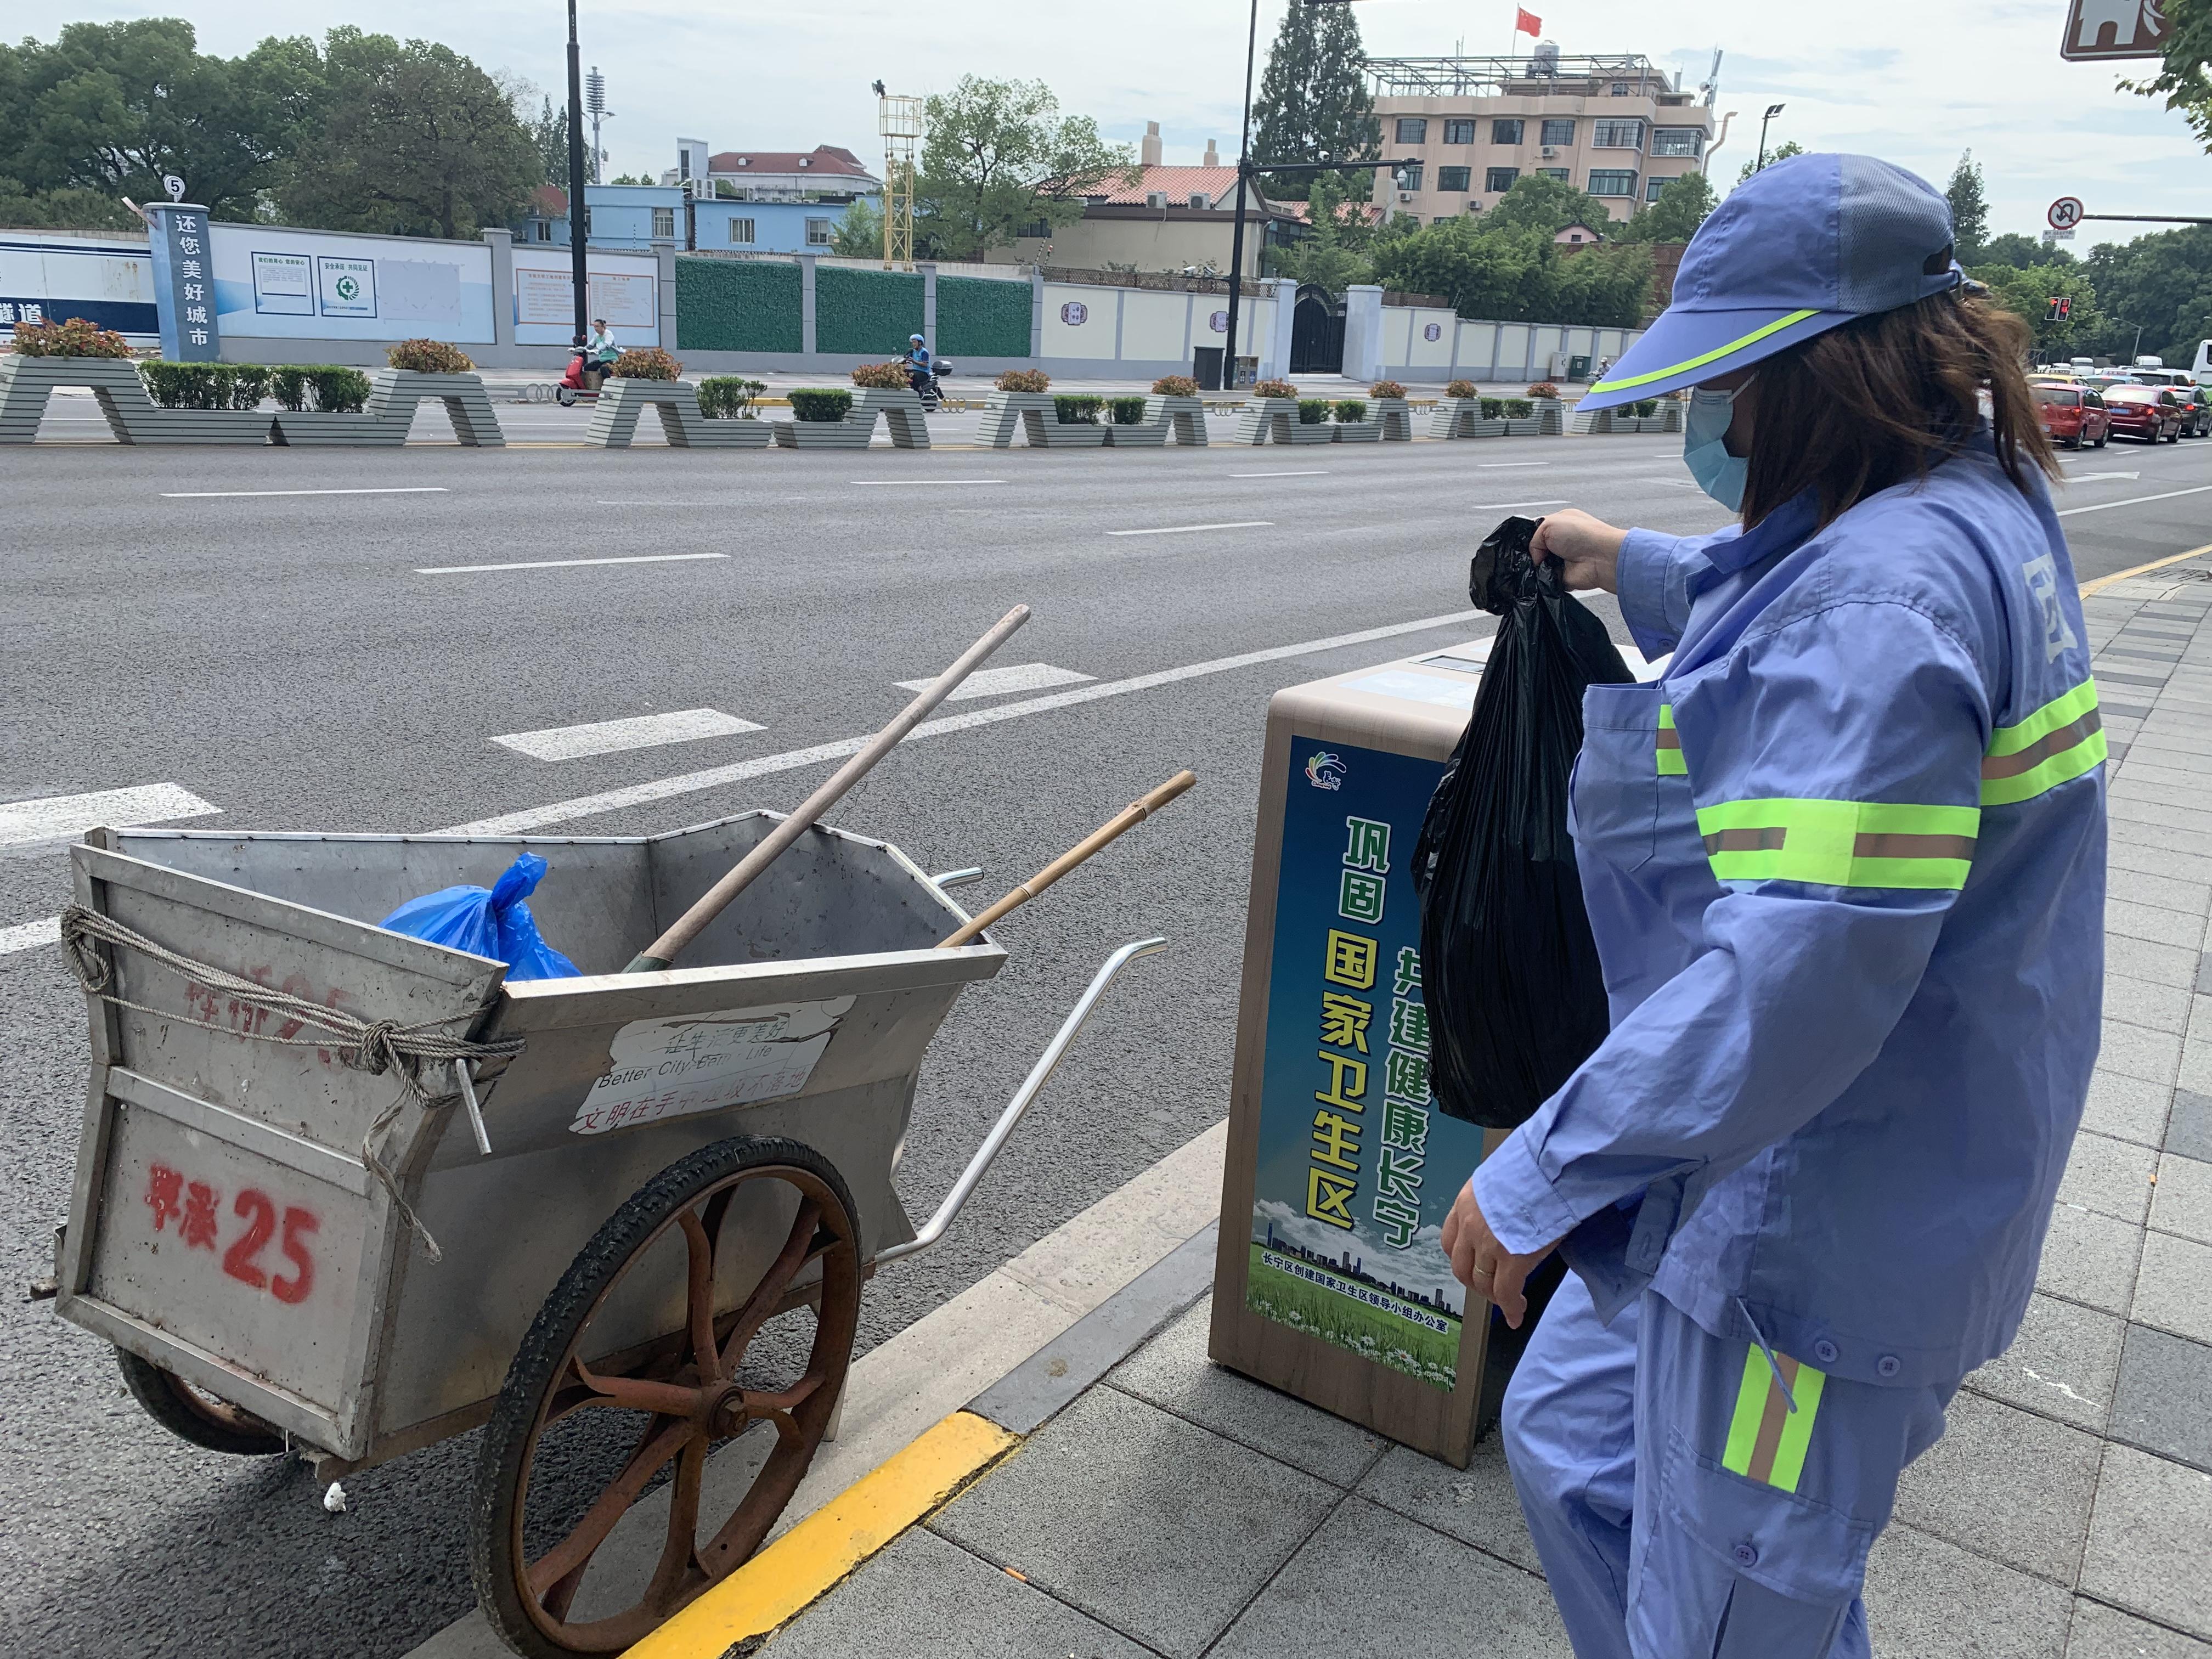 环卫工人张玉梅将路边垃圾桶内的垃圾全部清运到小推车里。澎湃新闻记者栾晓娜摄